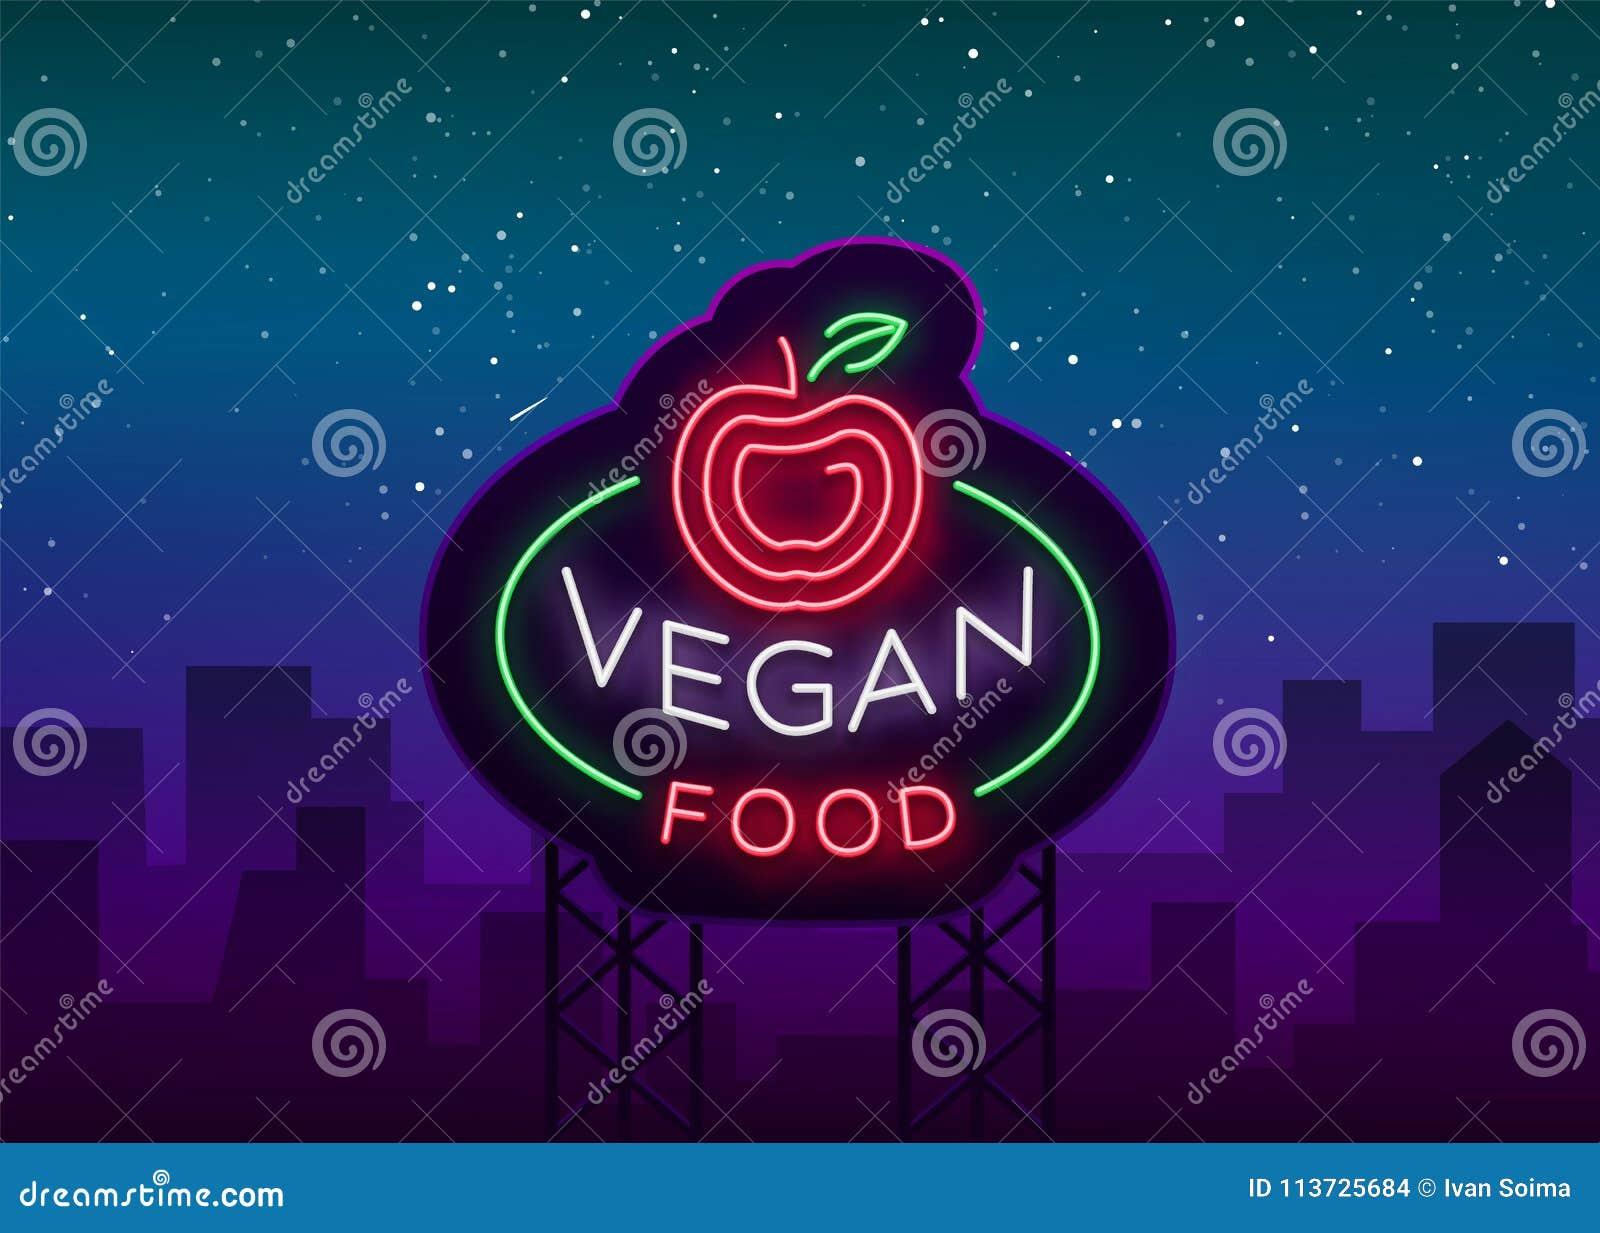 Σημάδι νέου λογότυπων Vegan, vegan σύμβολο, φωτεινό φωτεινό σημάδι, νύχτα νέου που διαφημίζει στο θέμα τα χορτοφάγα τρόφιμα, υγιή